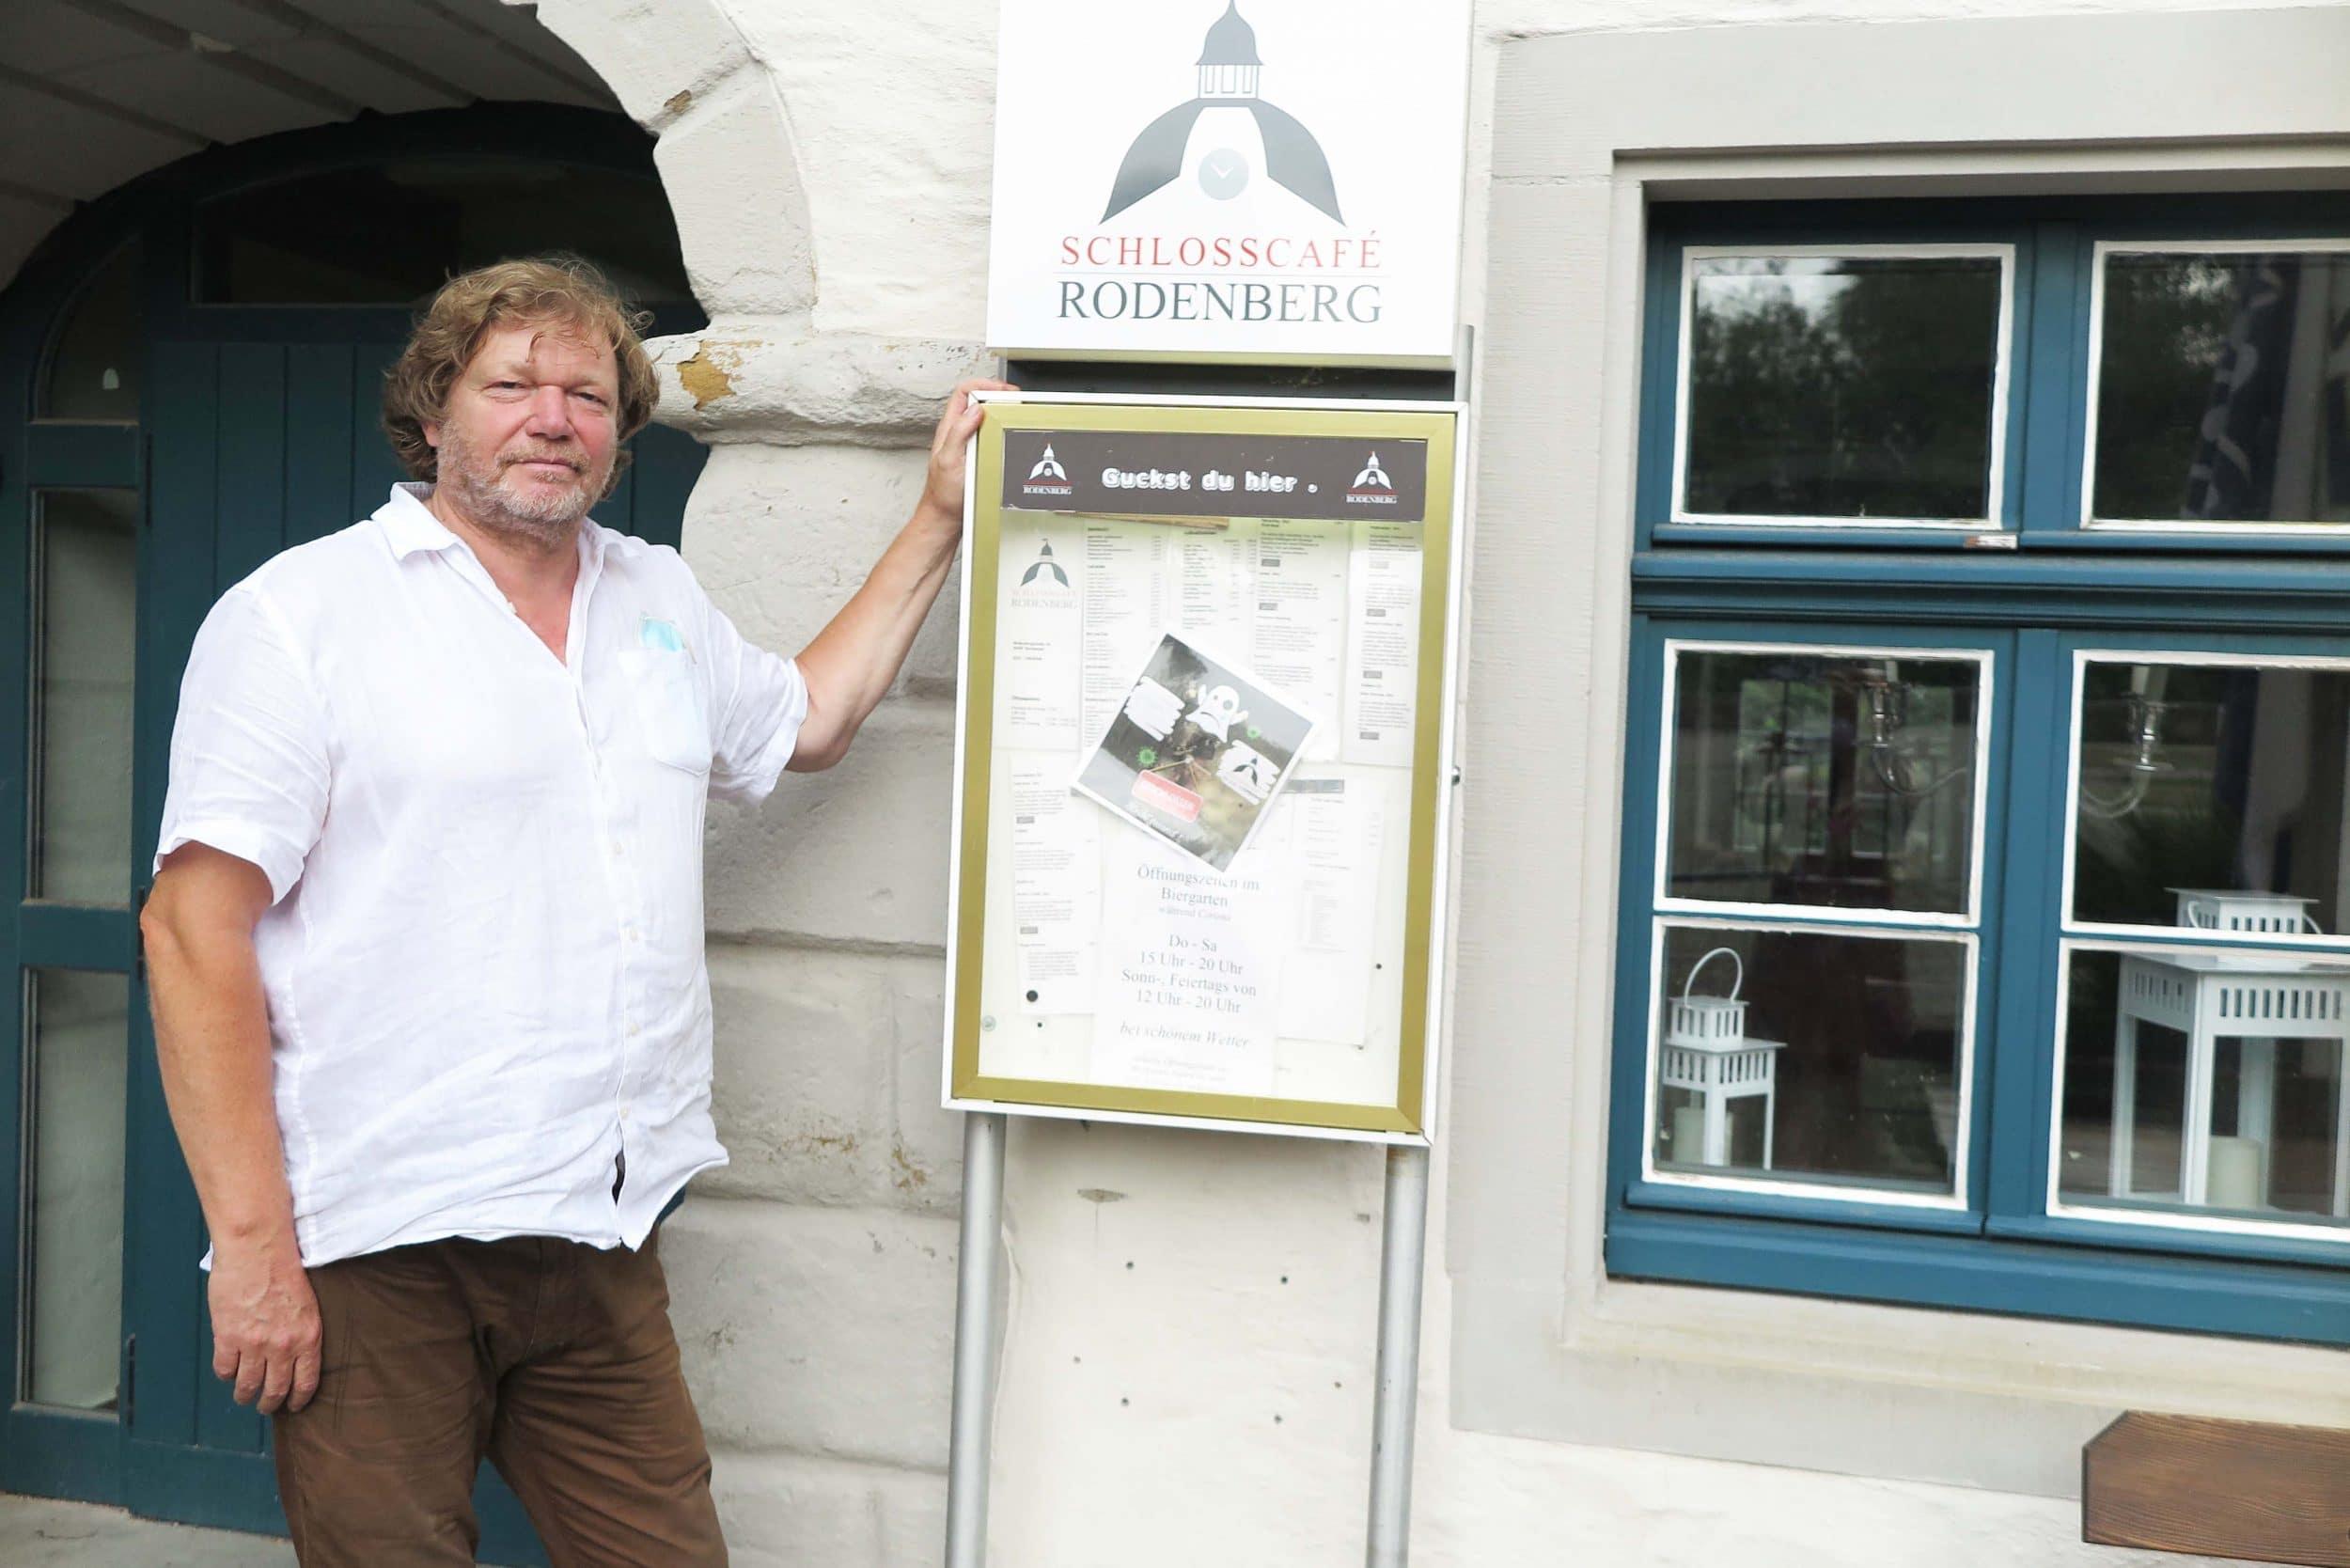 Jörg Wiedelmann ist mehr als erleichtert, dass die Küche in Betrieb genommen werden kann. (Foto: IN-StastMagazine)